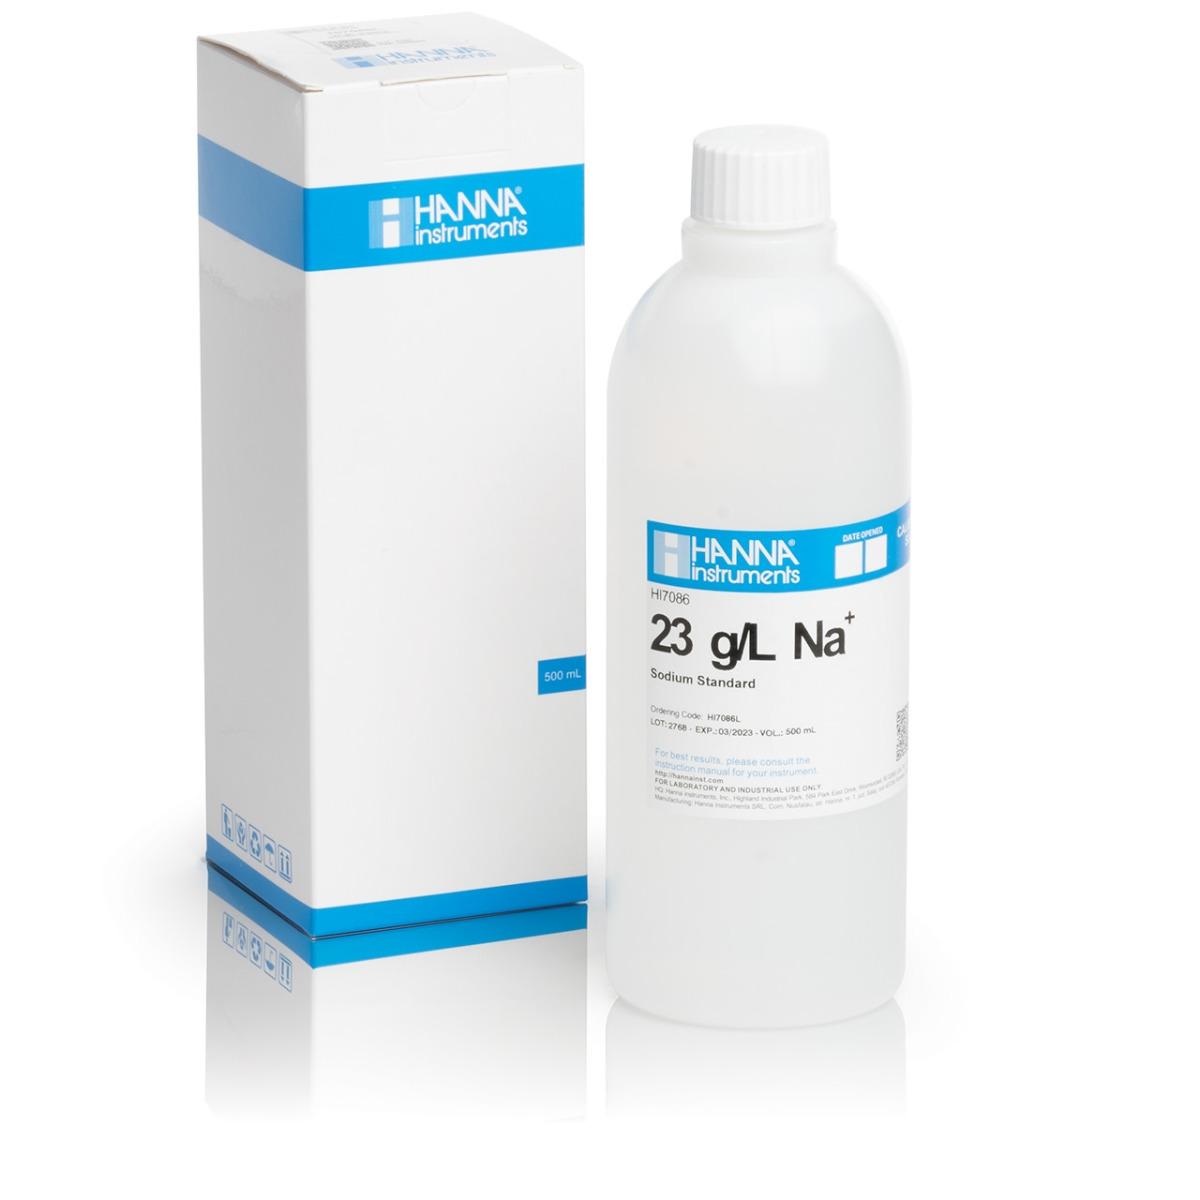 HI7086L Standard Solution at 23 g/L Na+ (500 mL) bottle